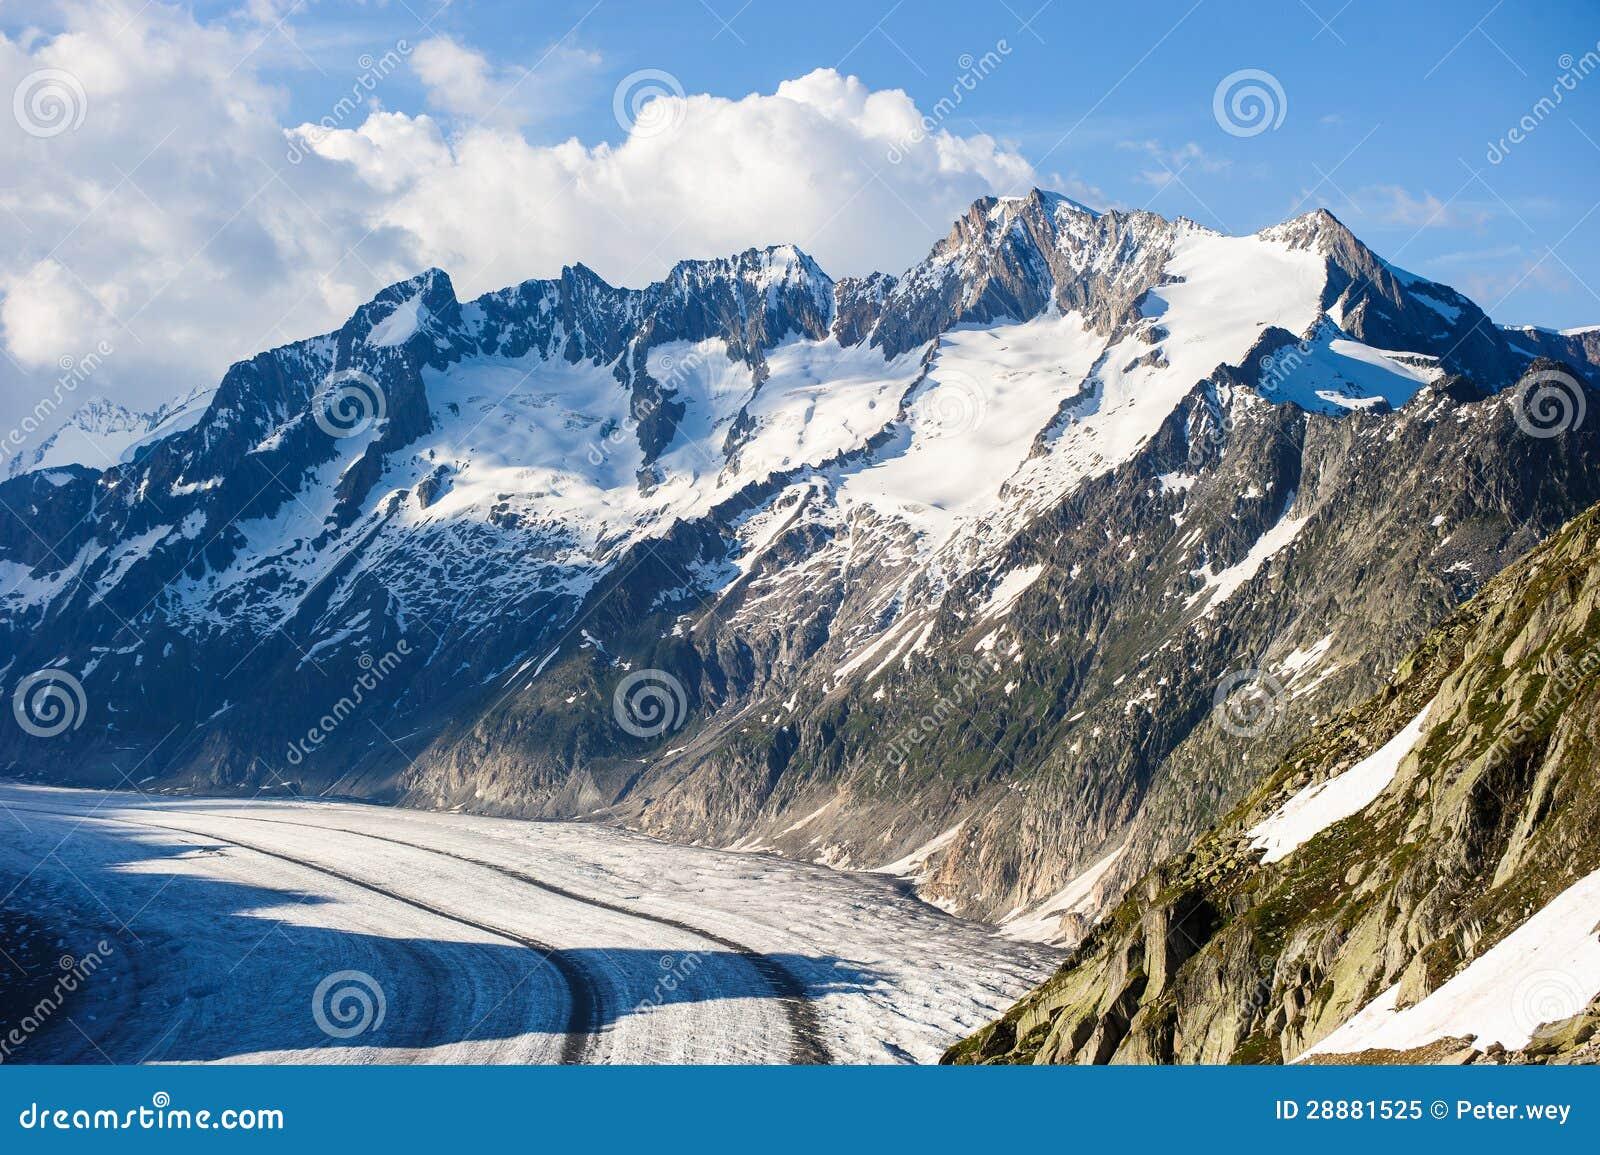 Schoenenbuelhorn and Wannenhorn with aletsch glacier